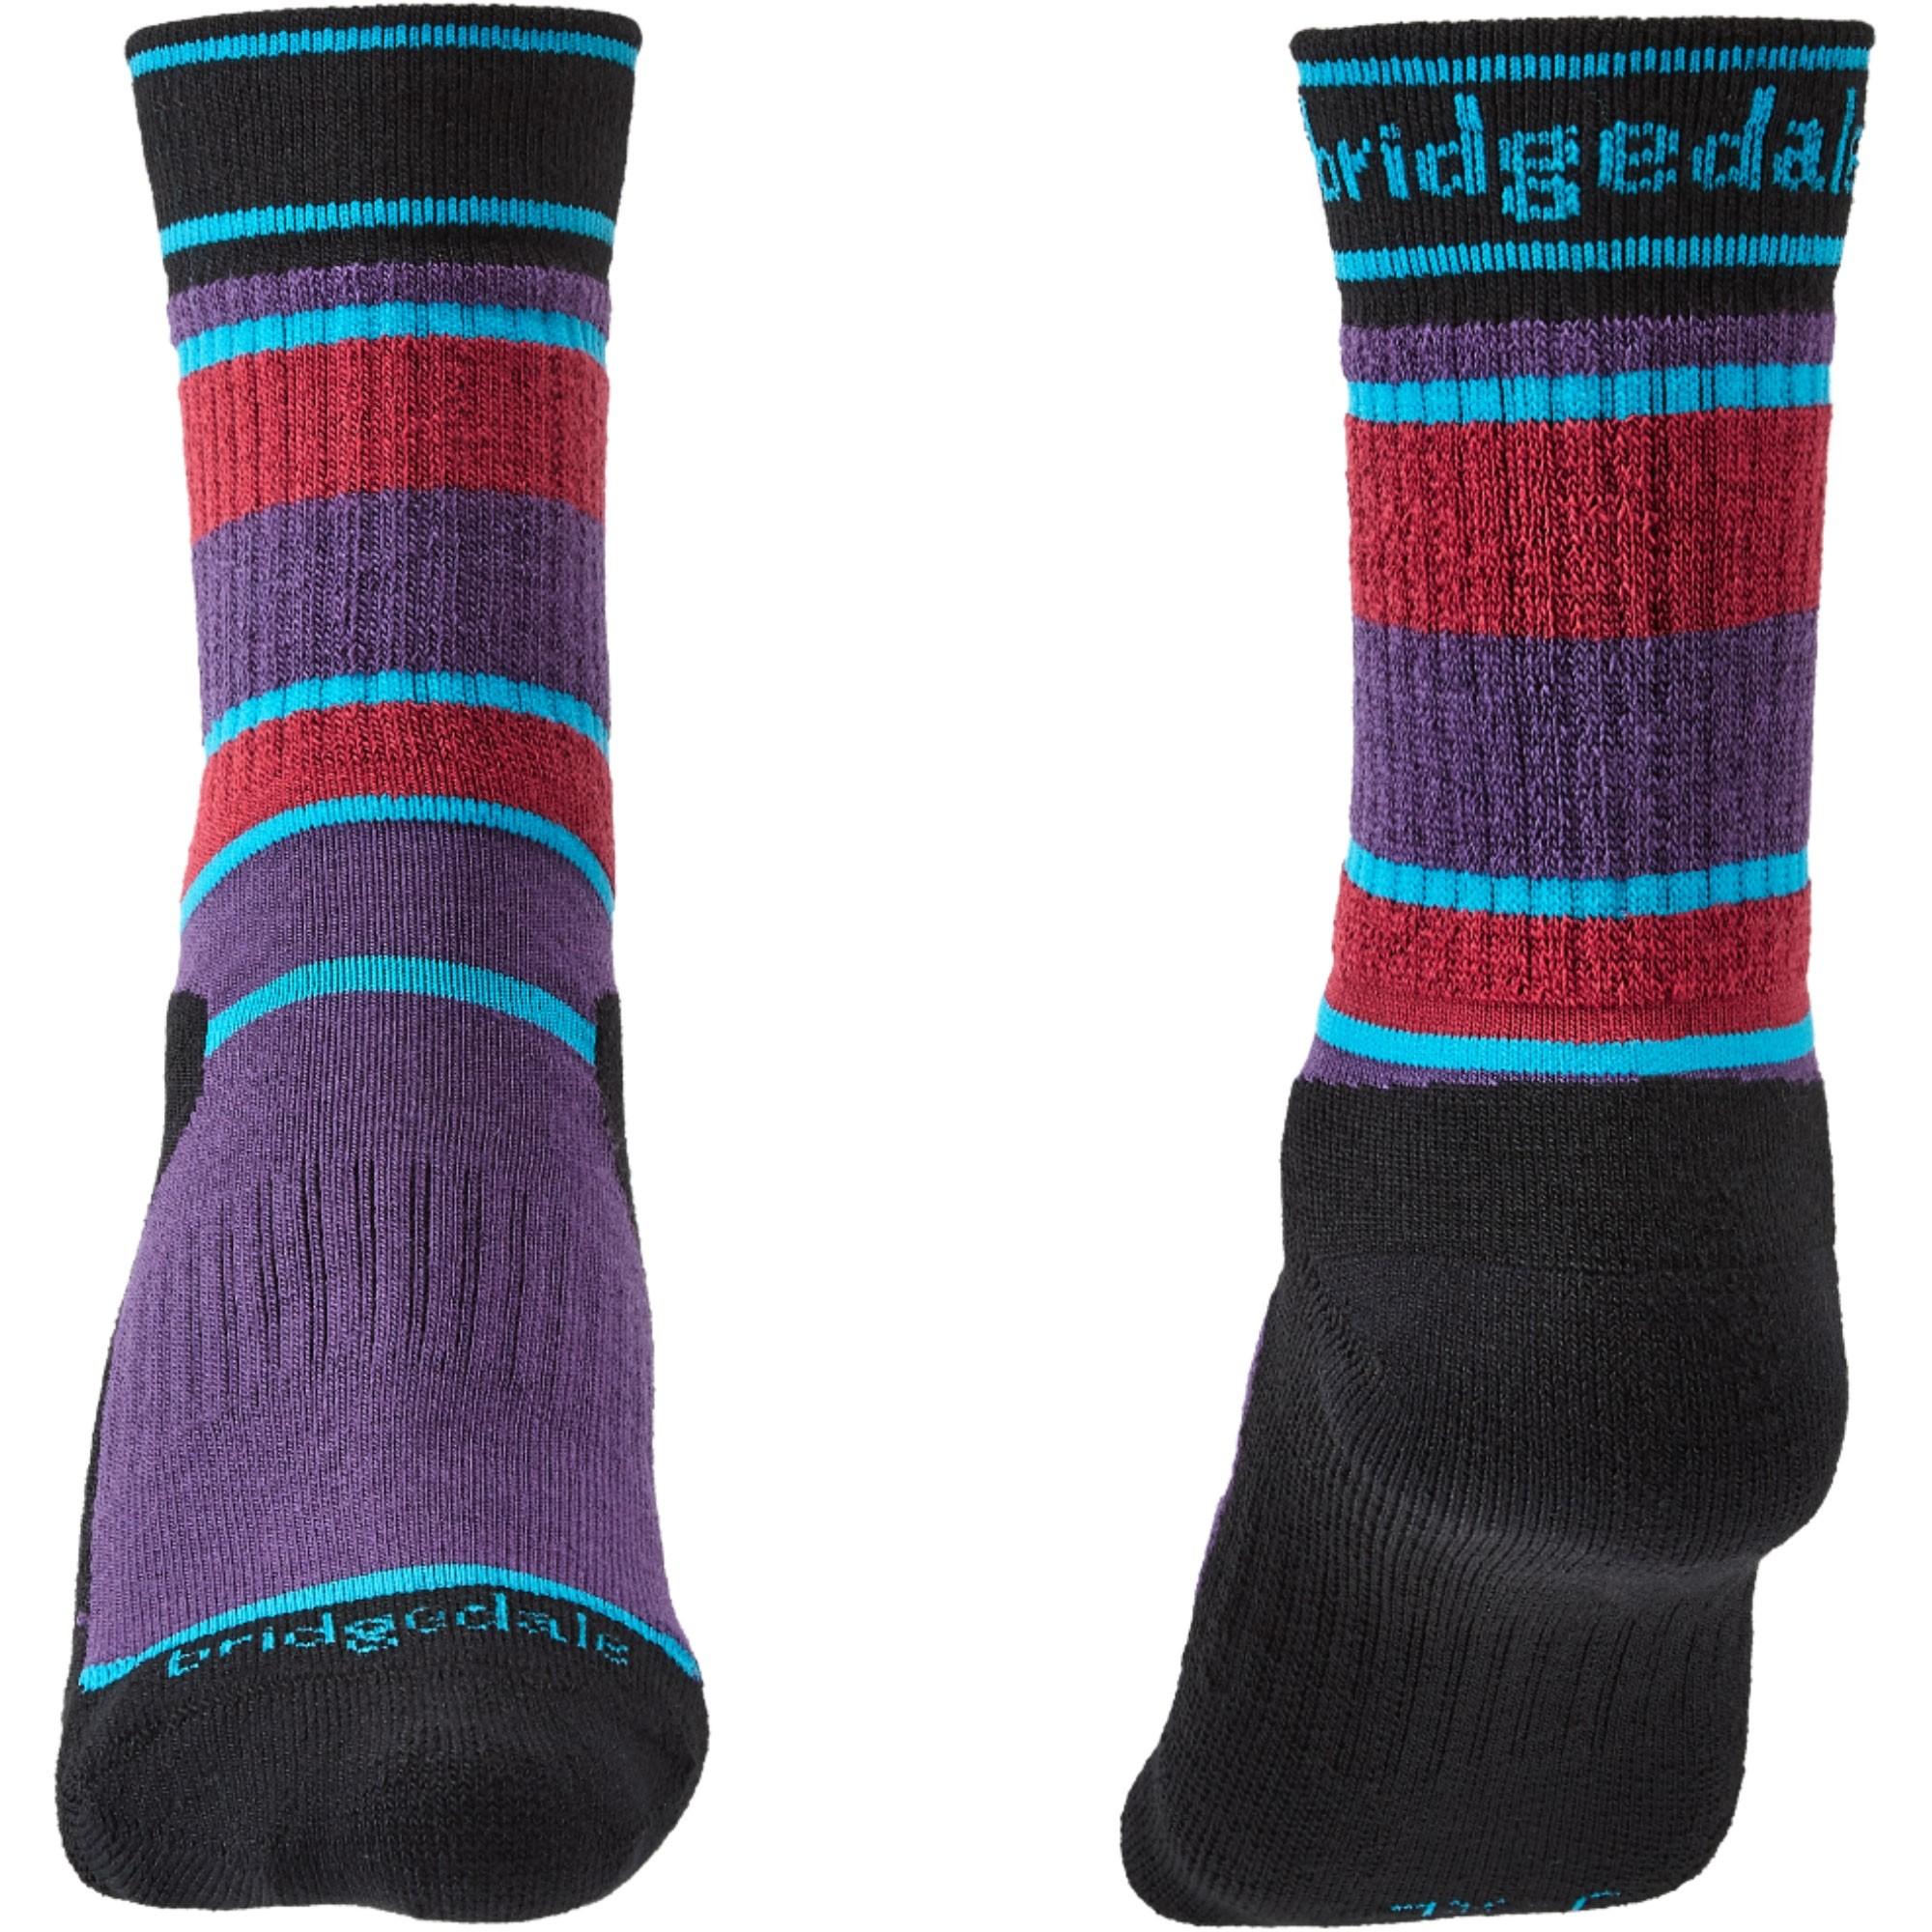 Bridgedale HIKE Junior All Season Merino Performance Socks  - Purple/Black